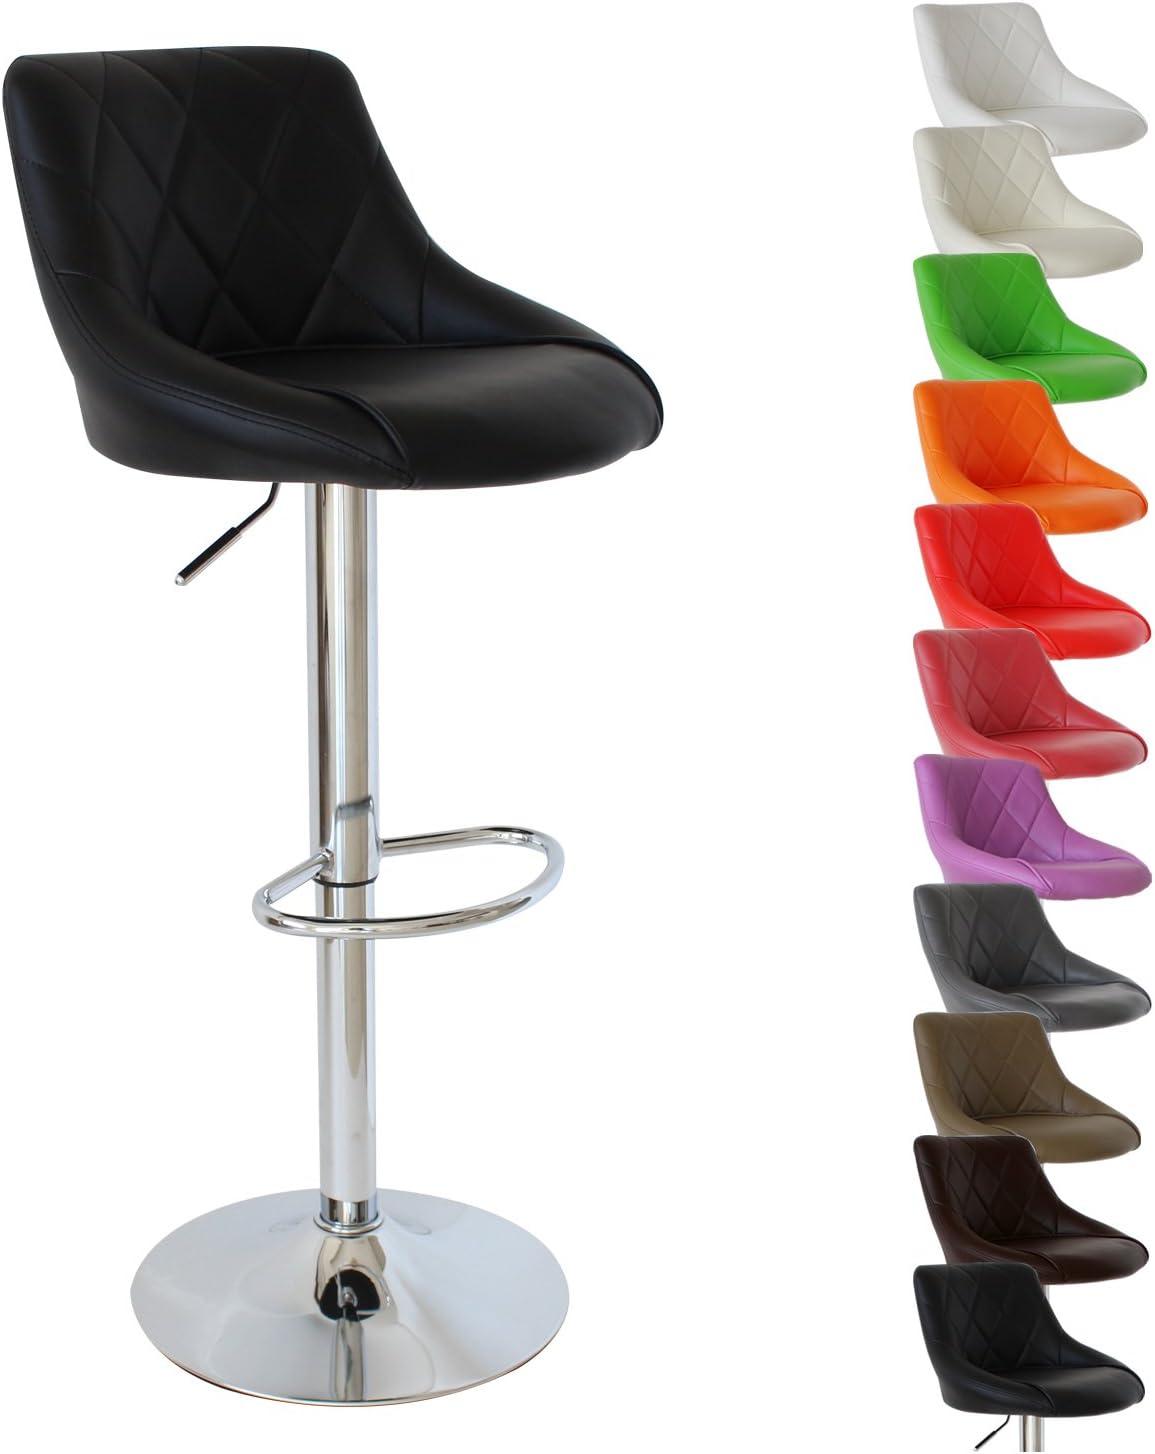 WOLTU Barhocker mit Lehne, stufenlose Höhenverstellung, verchromter Stahl, pflegeleichter Kunstleder, gut gepolsterte Sitzfläche, 11 Farbe (Grau) Schwarz